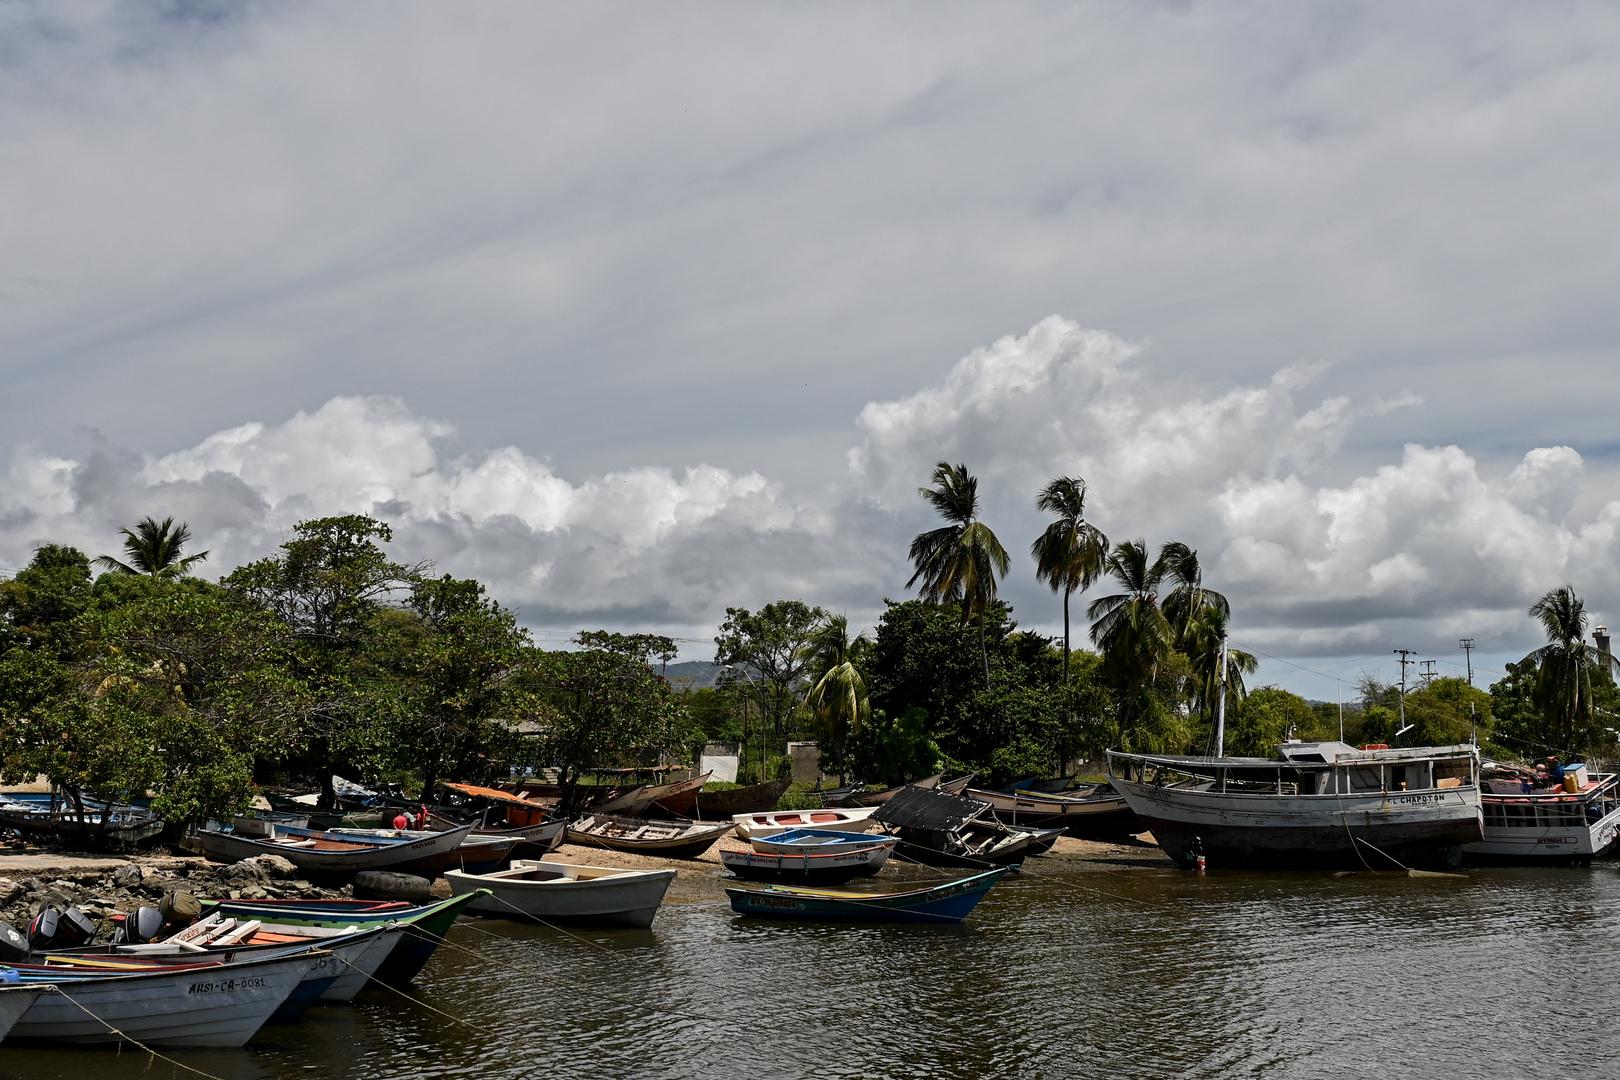 اكتشاف قارب على متنه 14 جثة متحللة عند سواحل ترينيداد وتوباغو